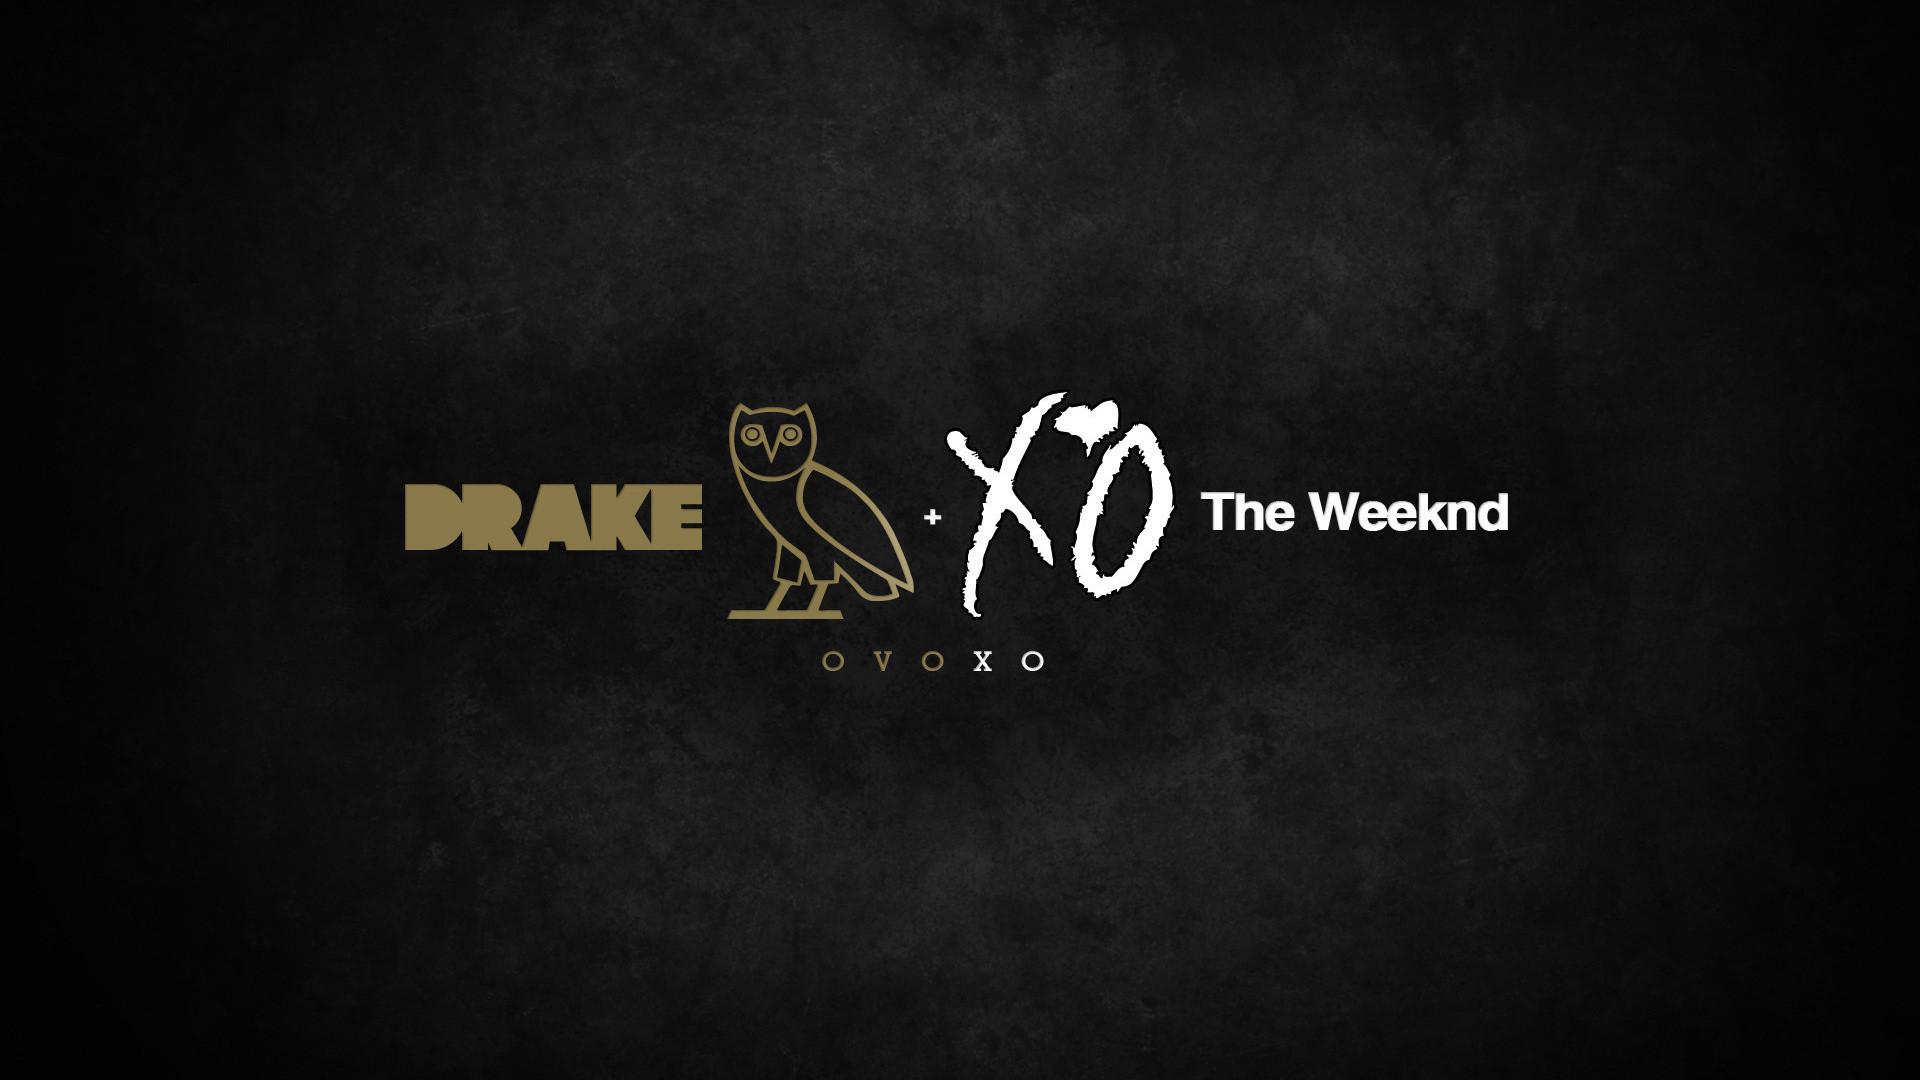 pinterest: @jaidyngrace Hotline Bling Drake ☆ Download more funny .